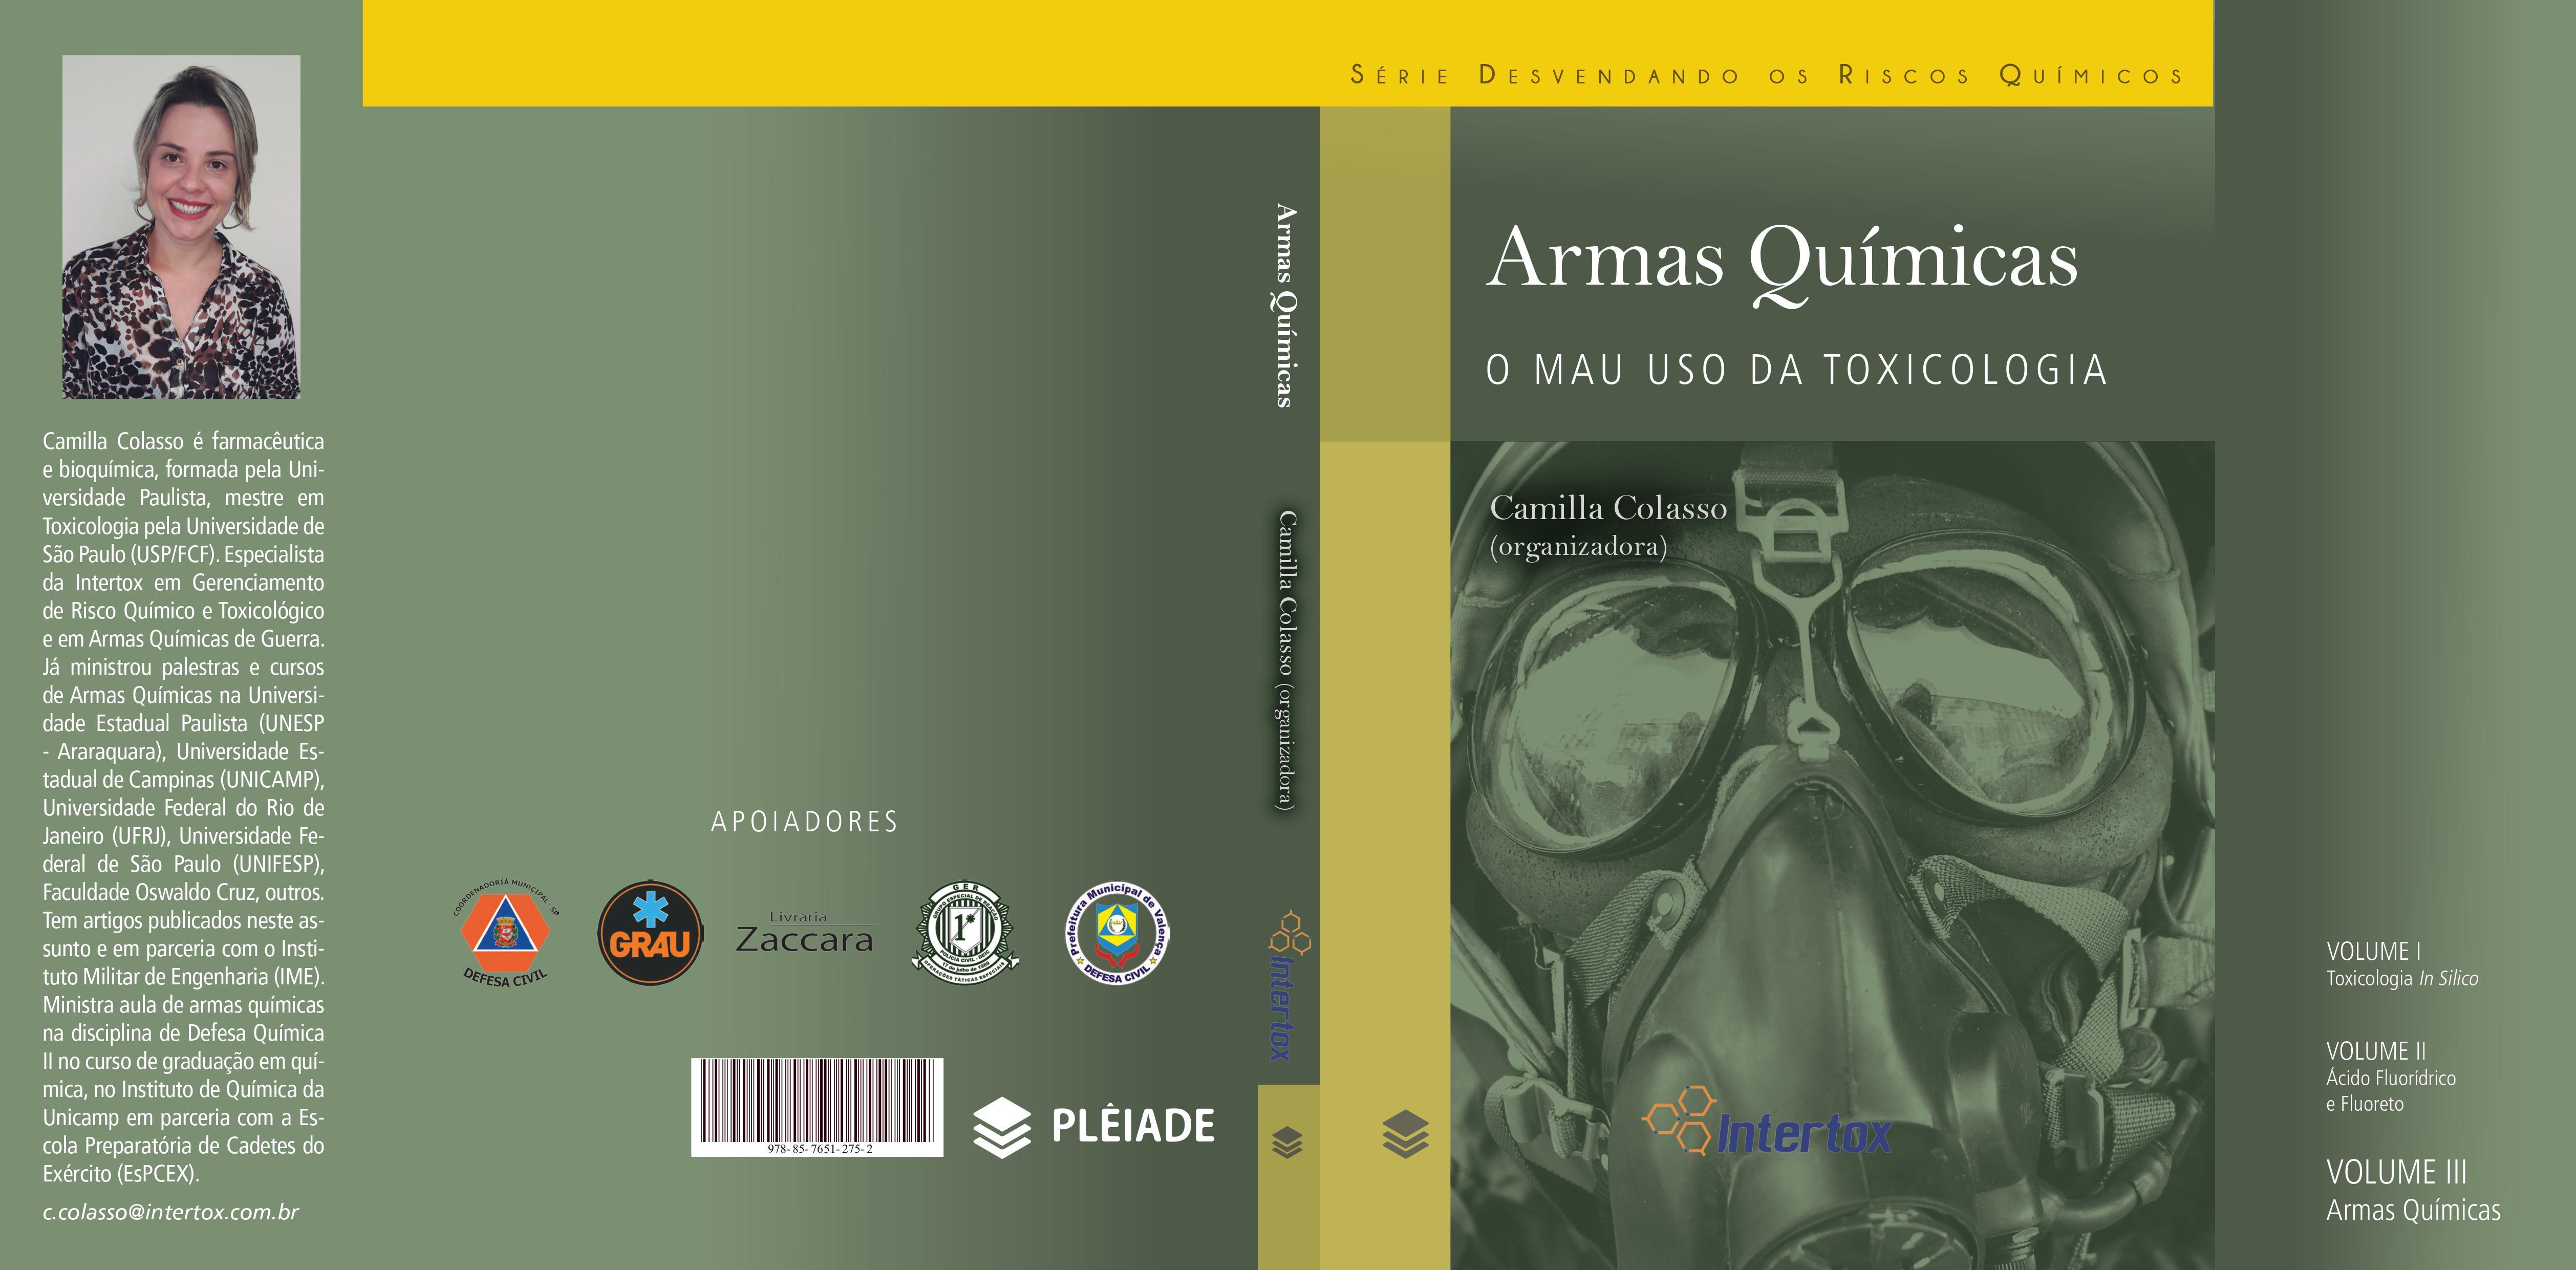 Sugestão de Leitura: Armas químicas: o mau uso da toxicologia